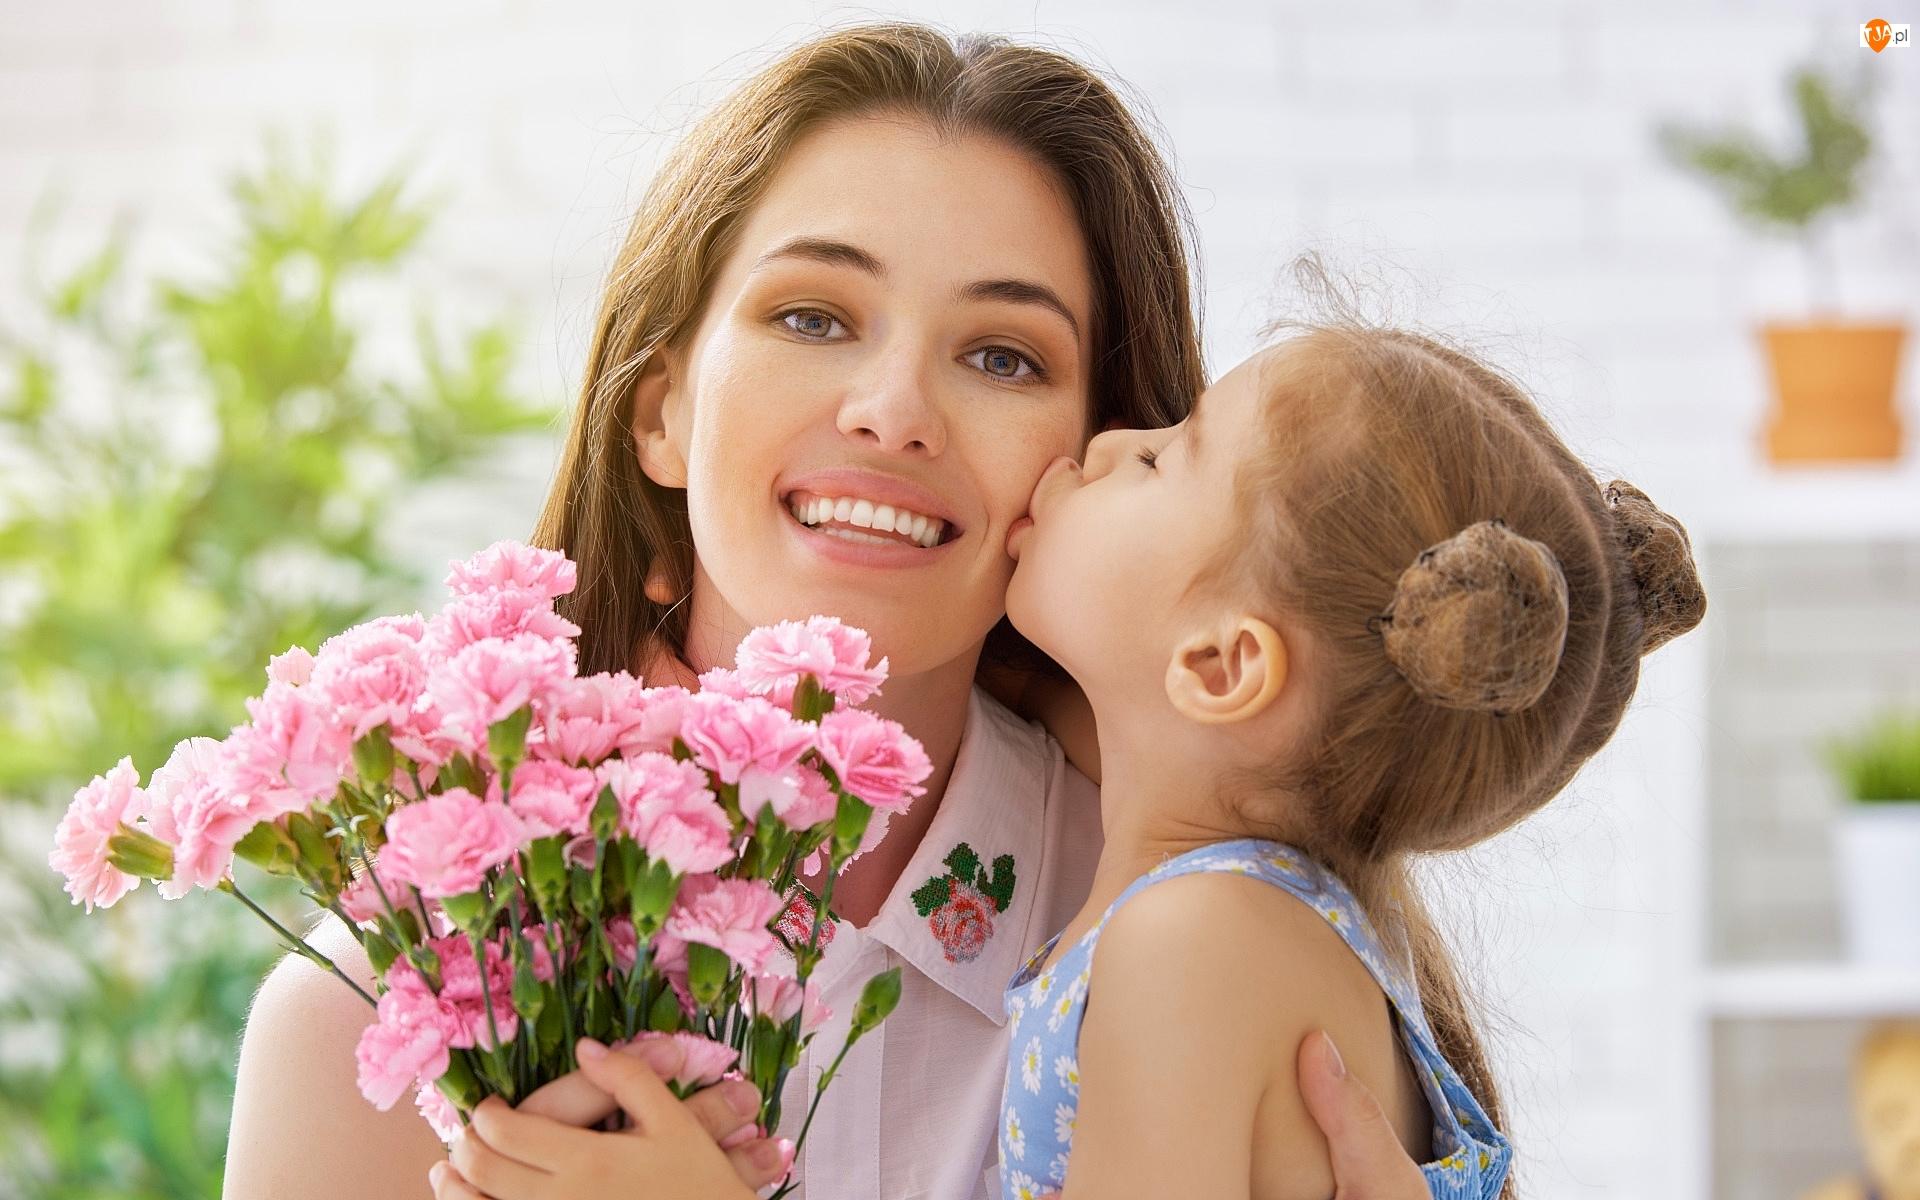 Buziak, Goździki, Dziecko, Kobieta, Kwiaty